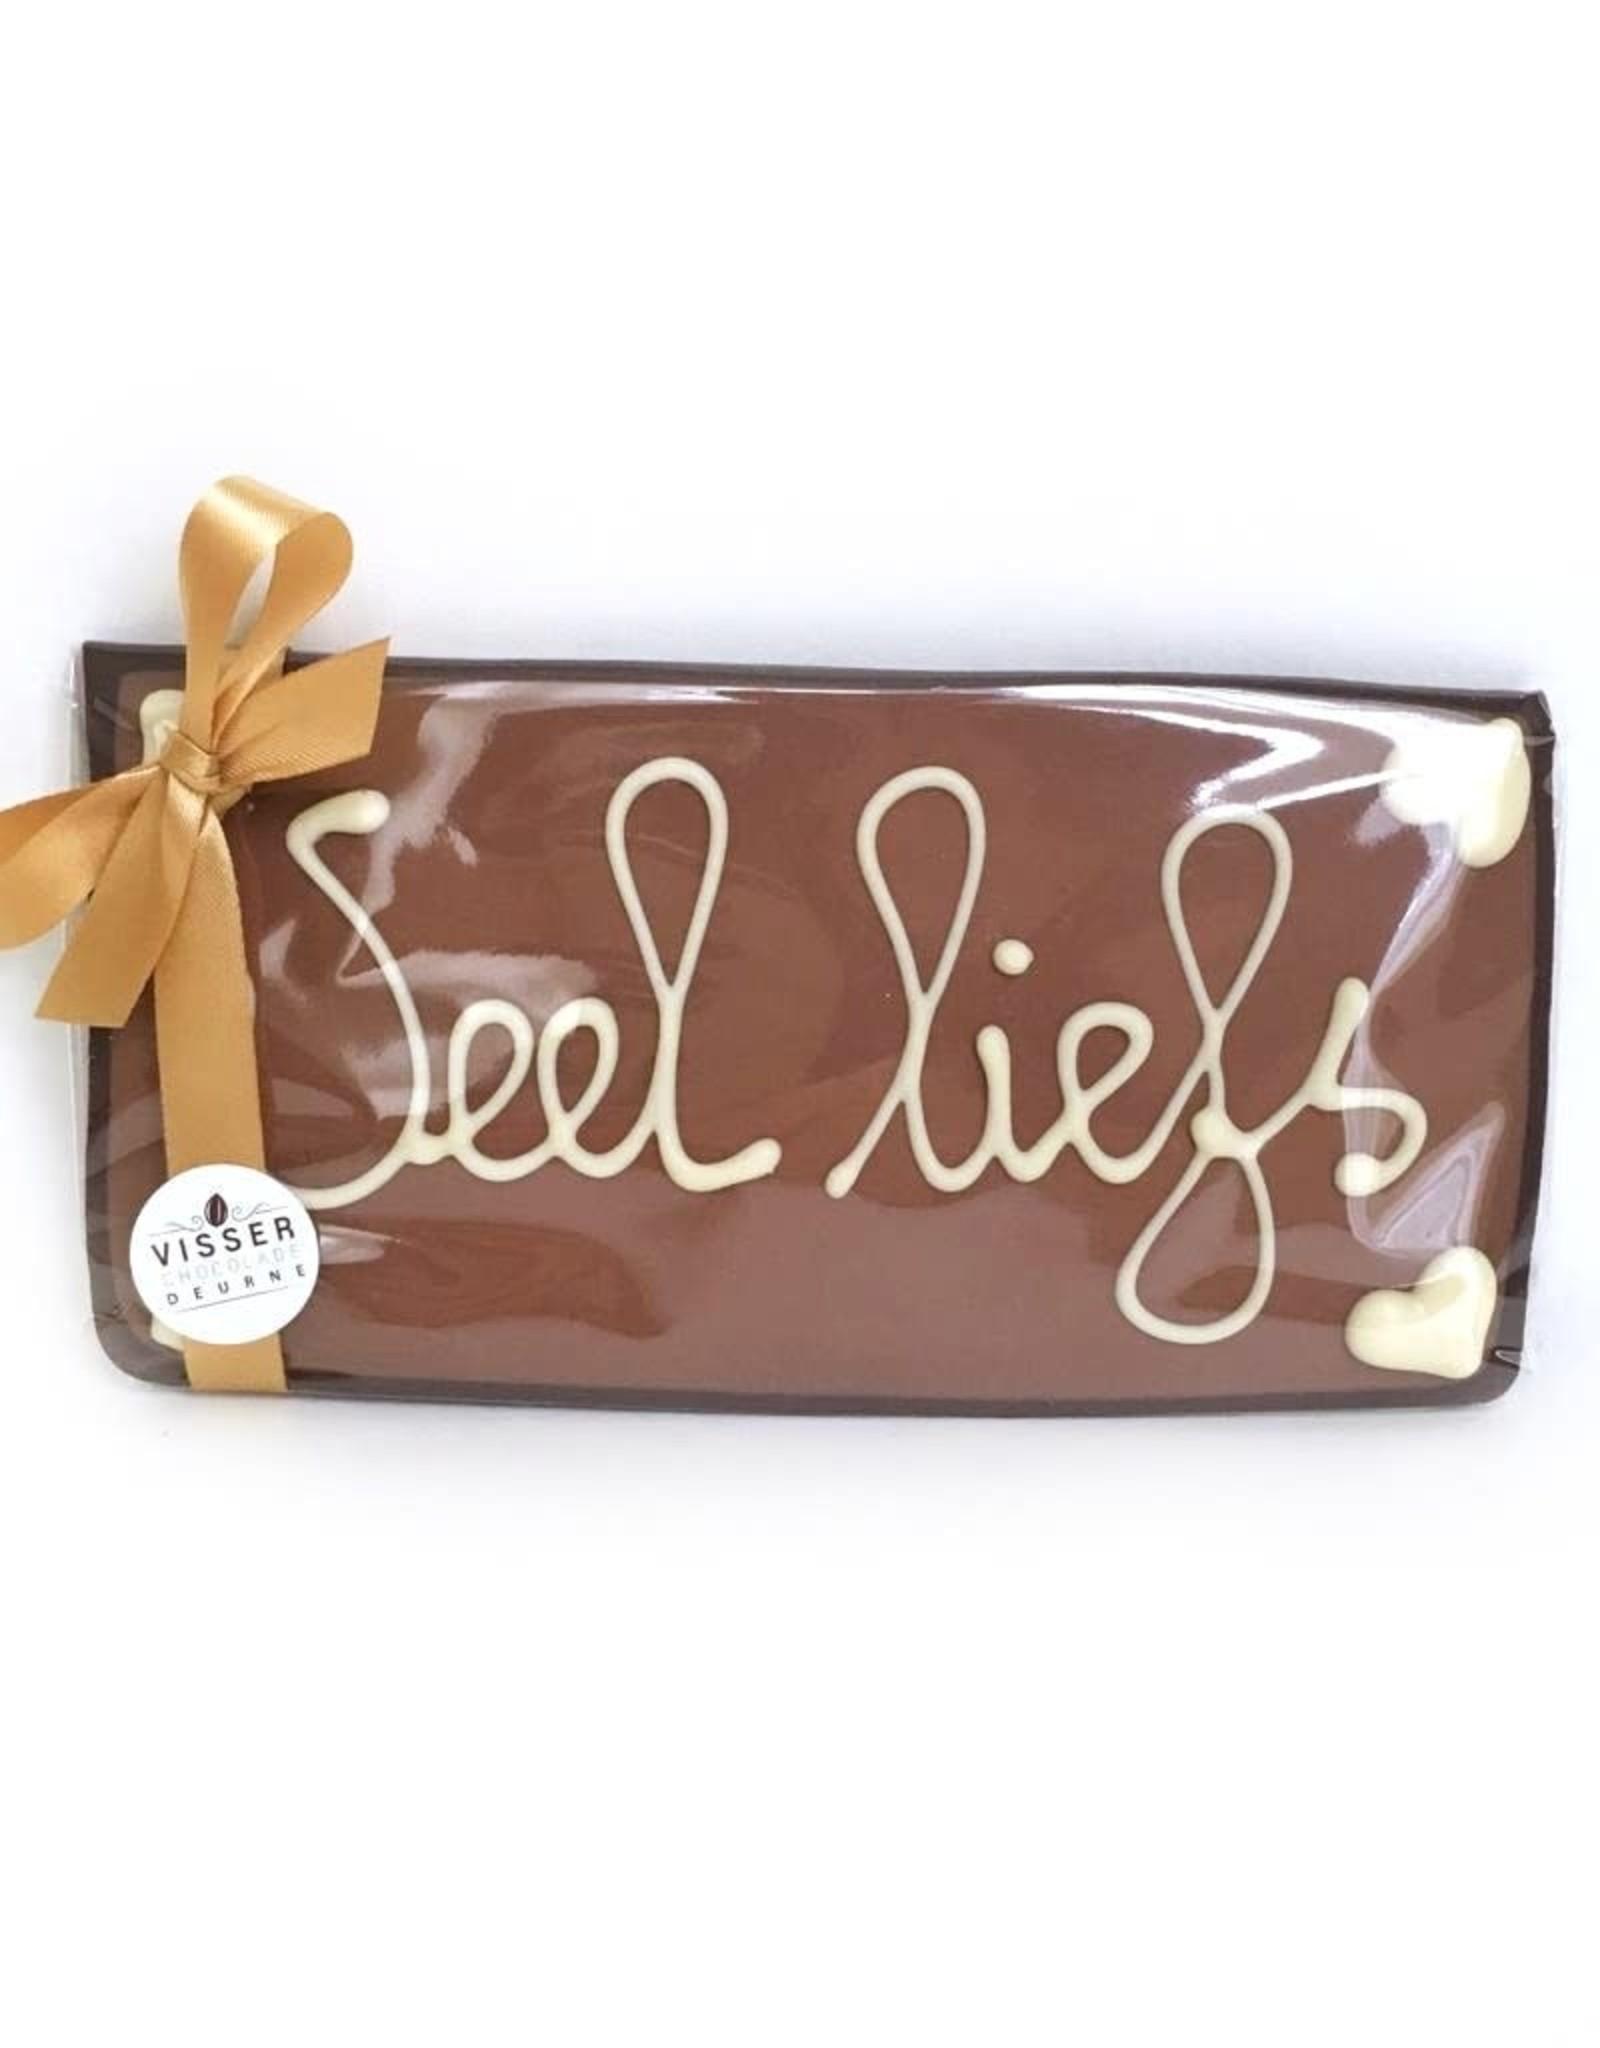 Visser Chocolade Veel Liefs - Klein